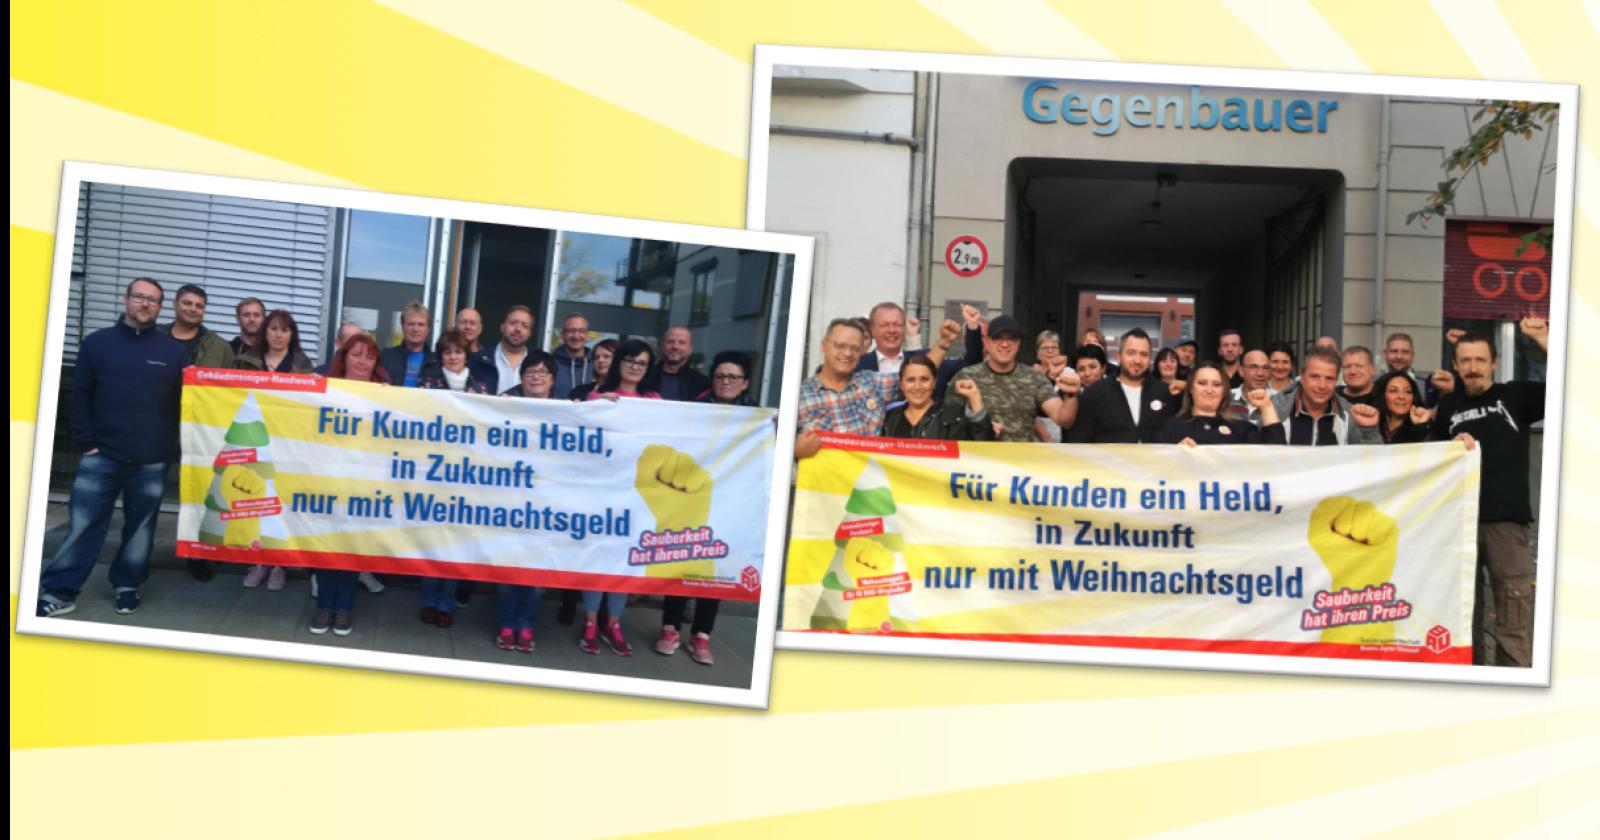 Betriebsräte von Gegenbauer fordern Arbeitgeber auf, an den Verhandlungstisch zu kommen